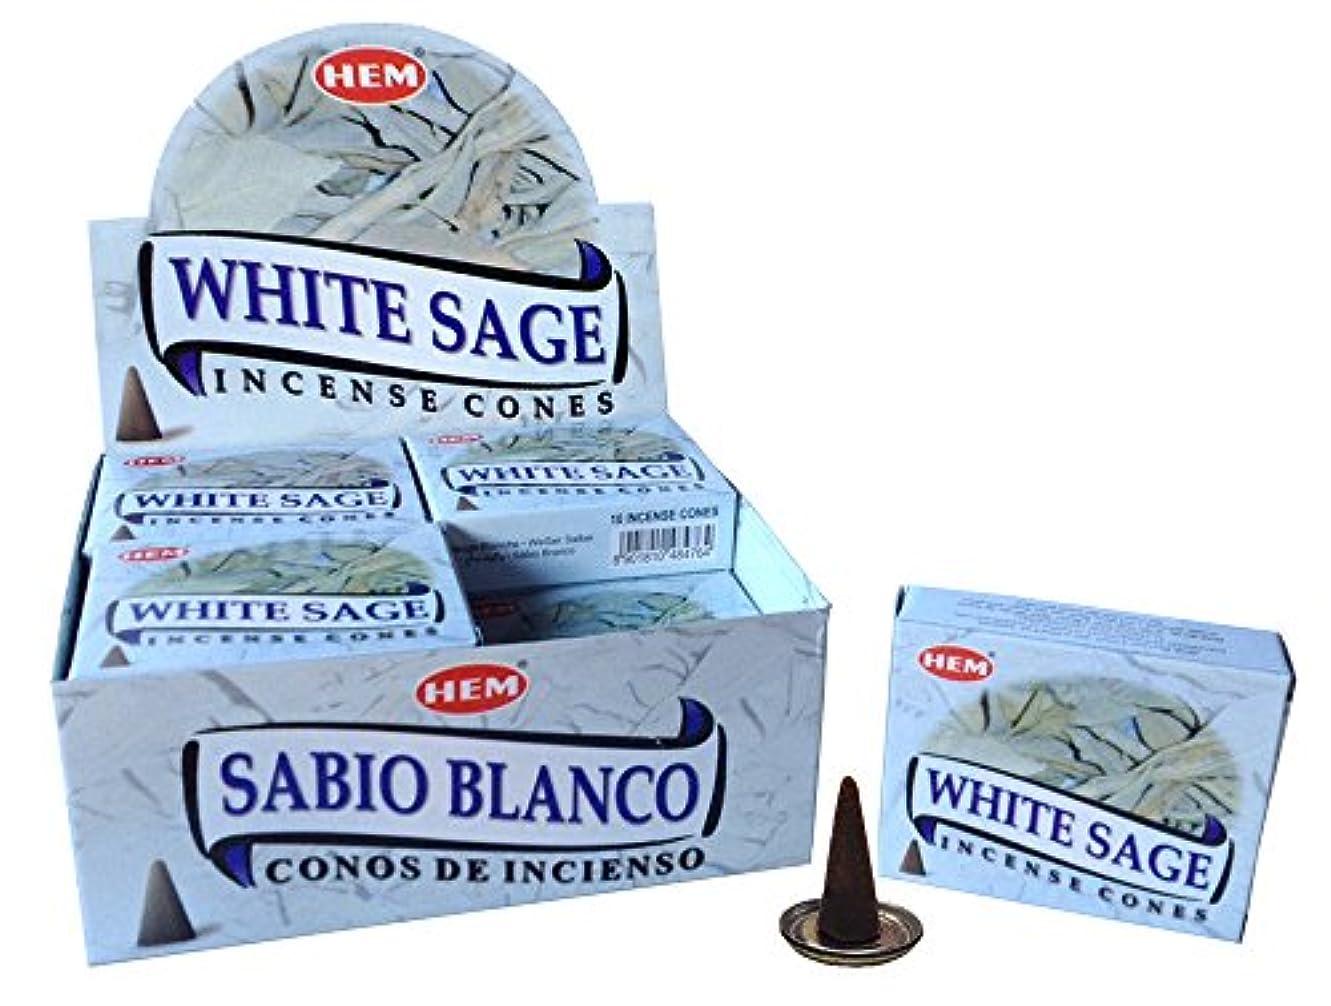 変更飾る洗練されたHEM ホワイトセージ コーン 36個セット